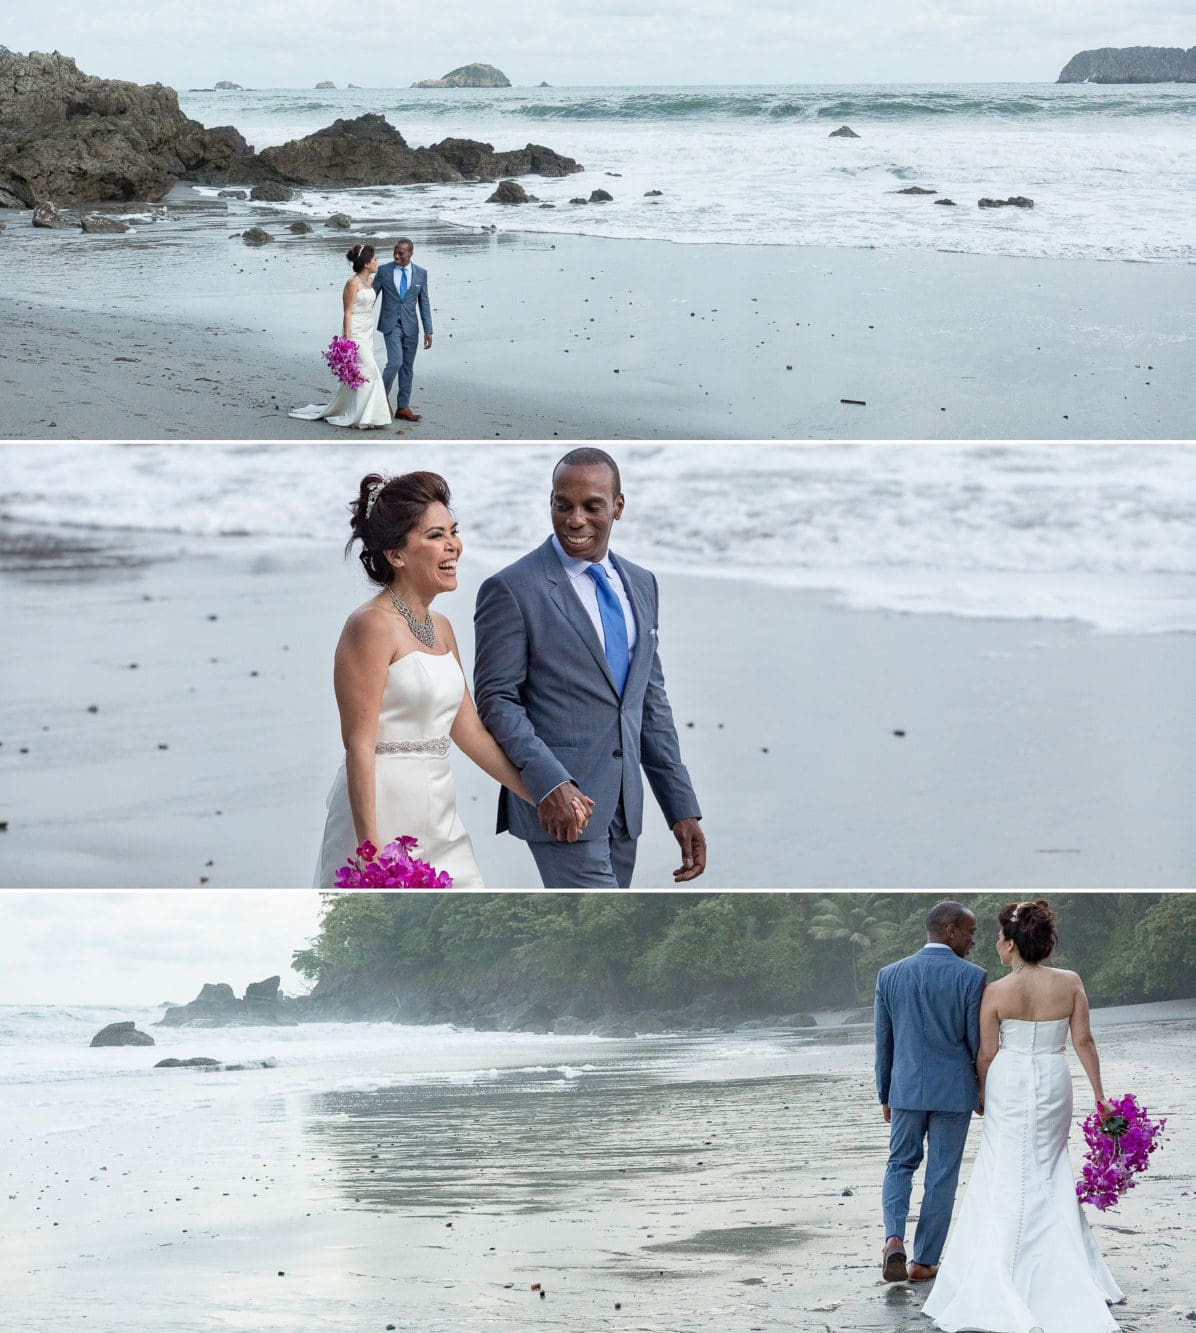 Arenas del Mar beachside wedding